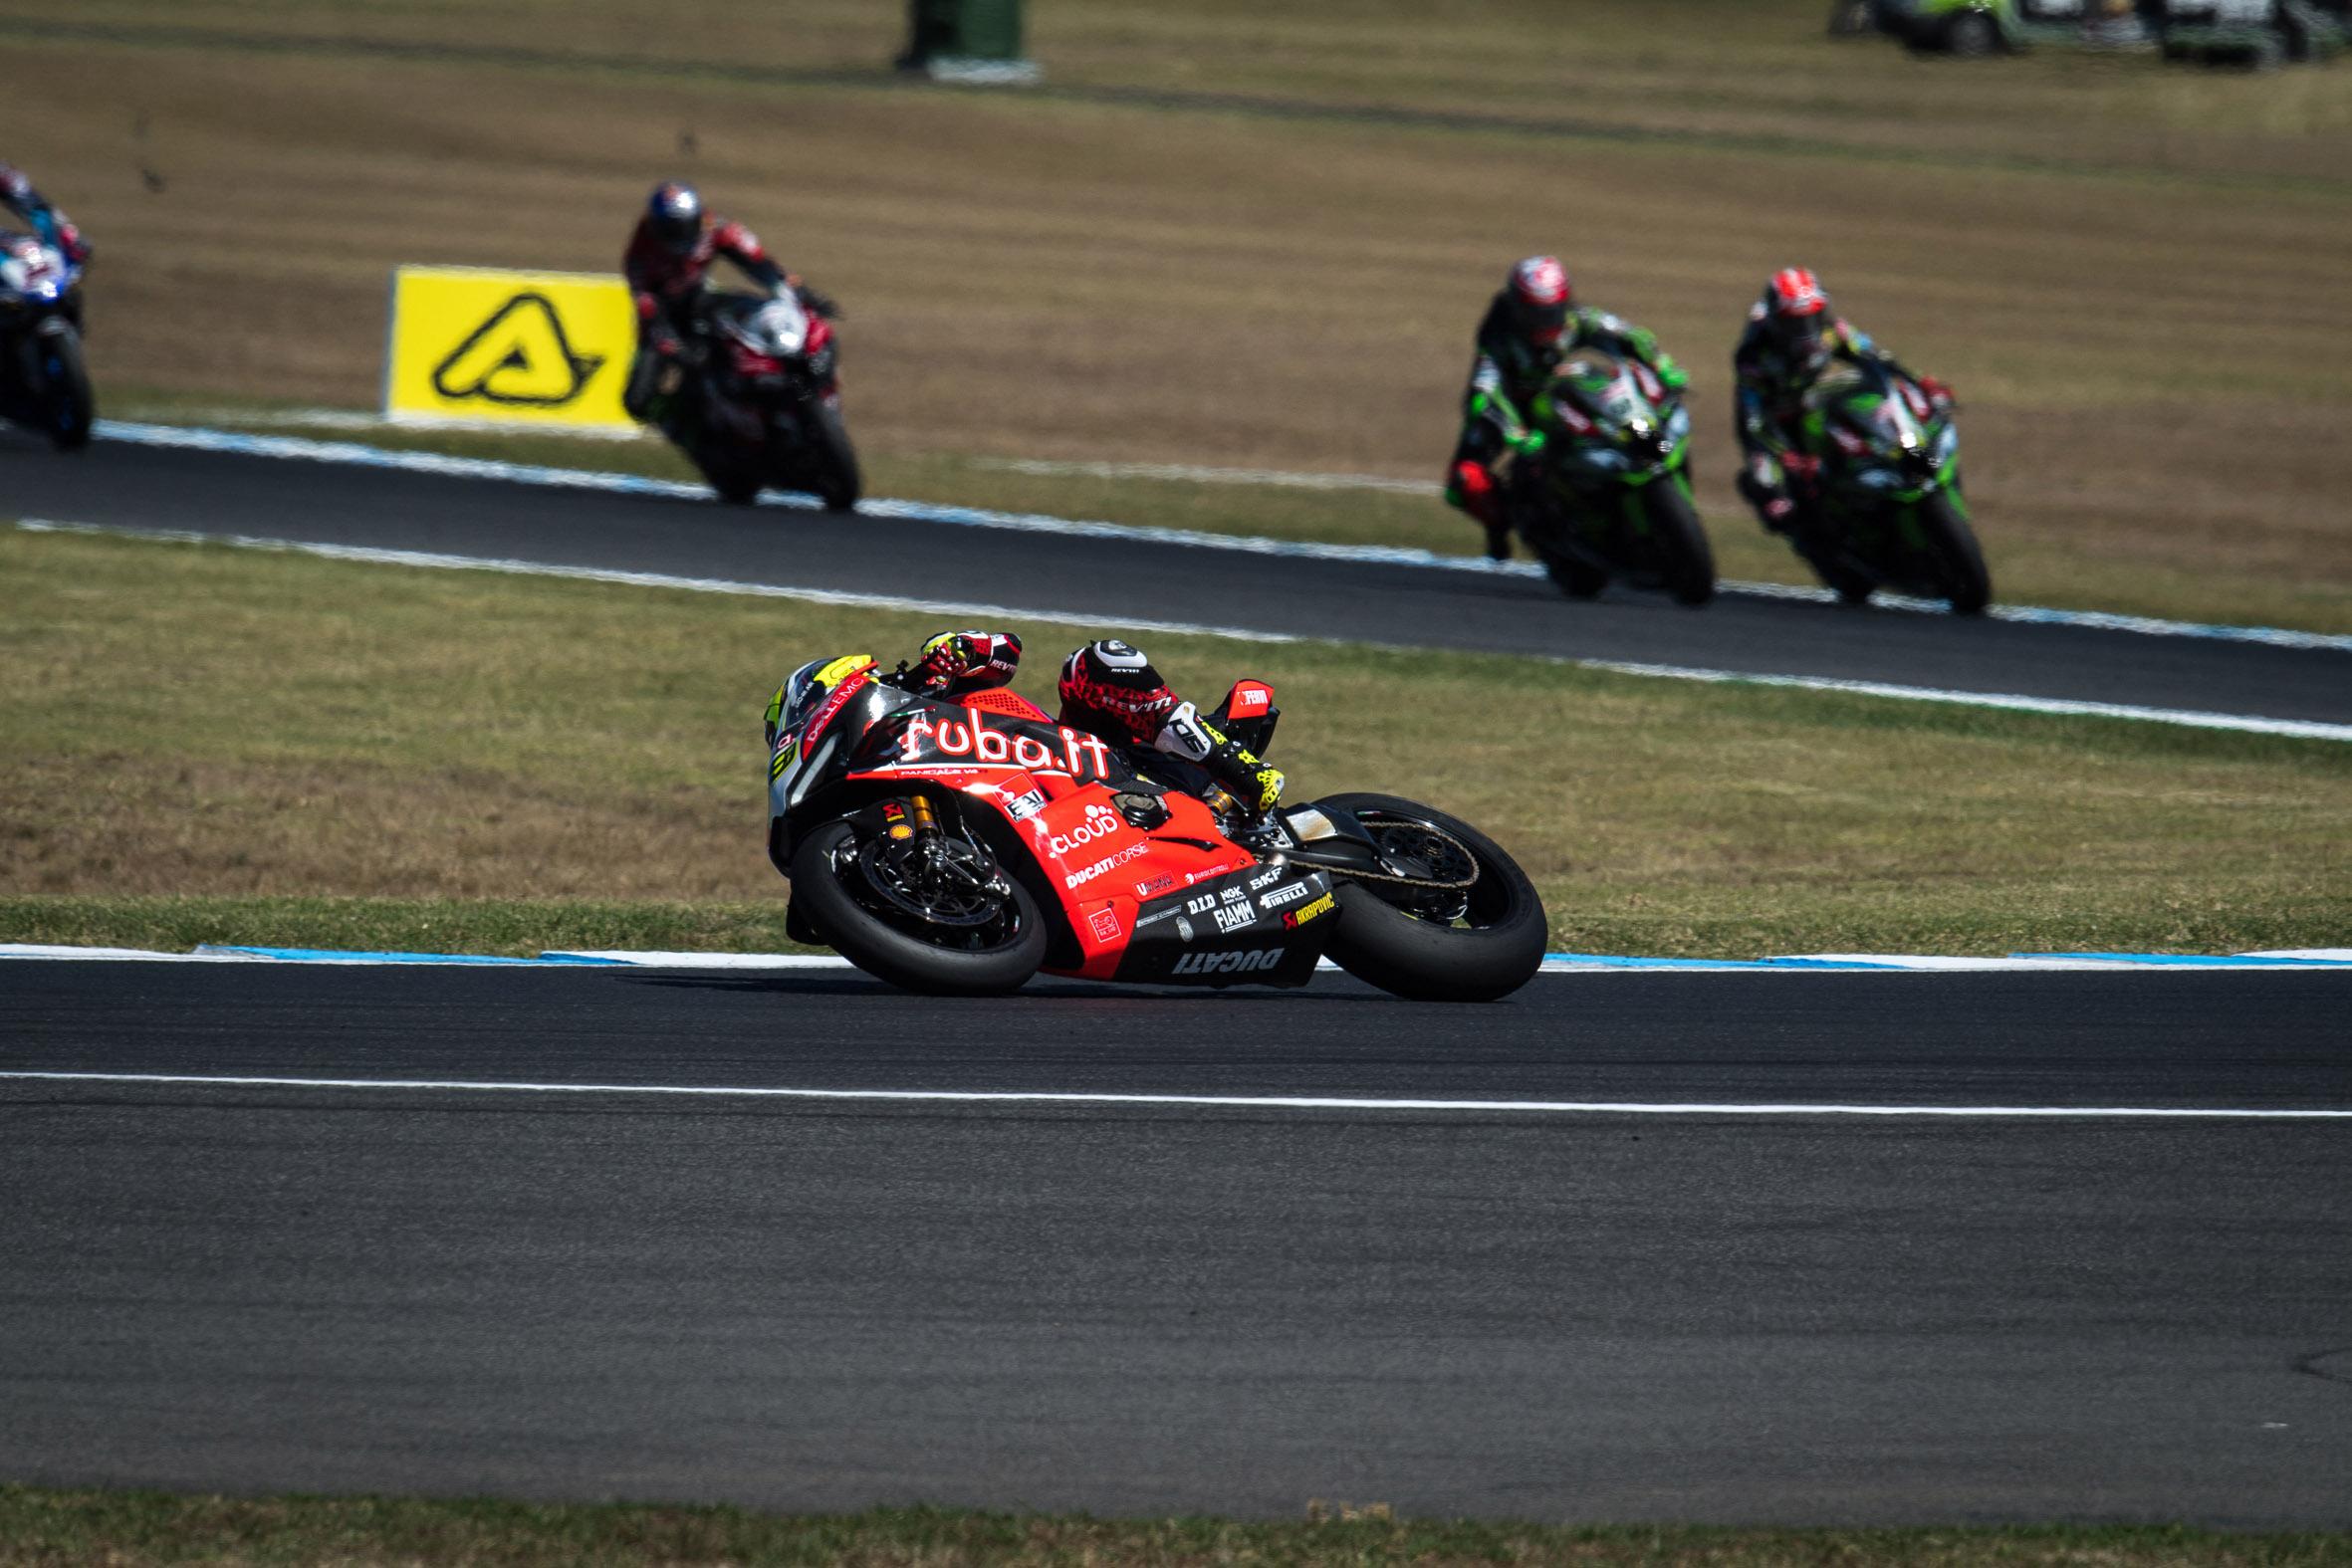 Bautista y Ducati, el secreto de su superioridad